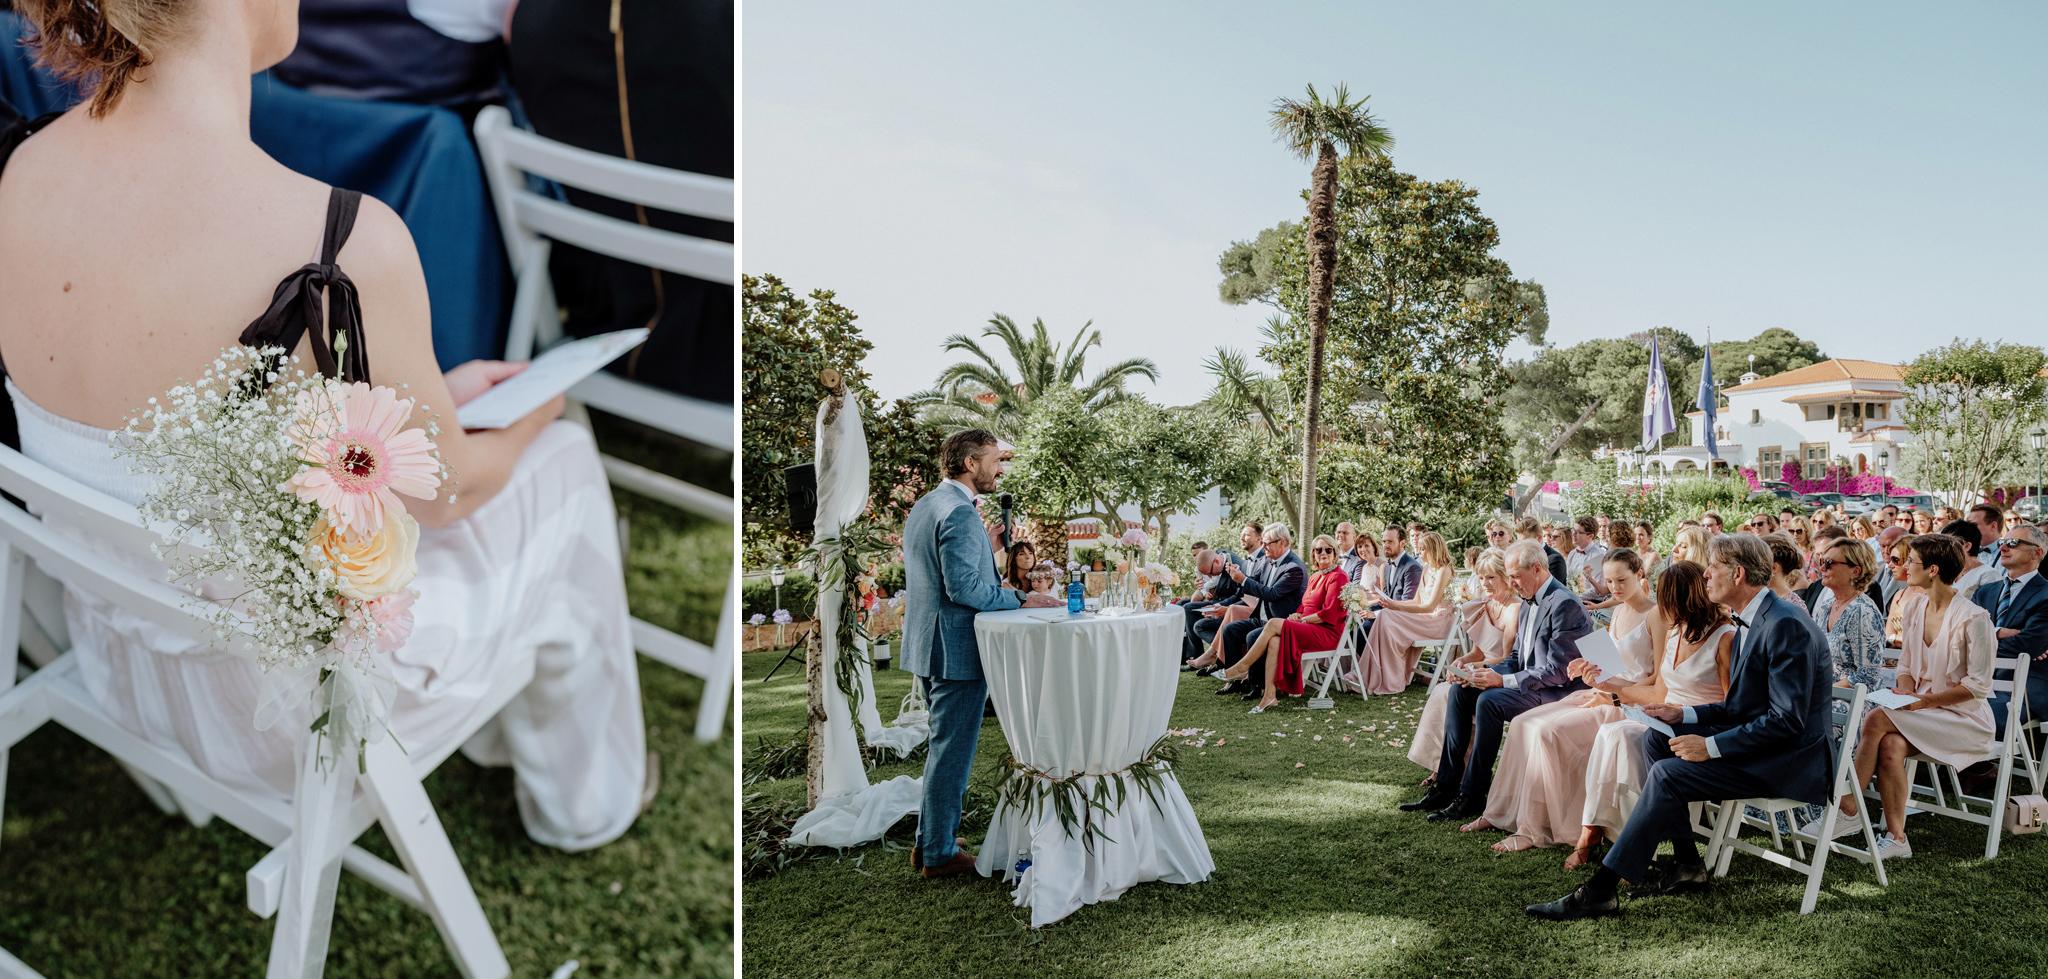 fotografo-boda-barcelona0031.jpg